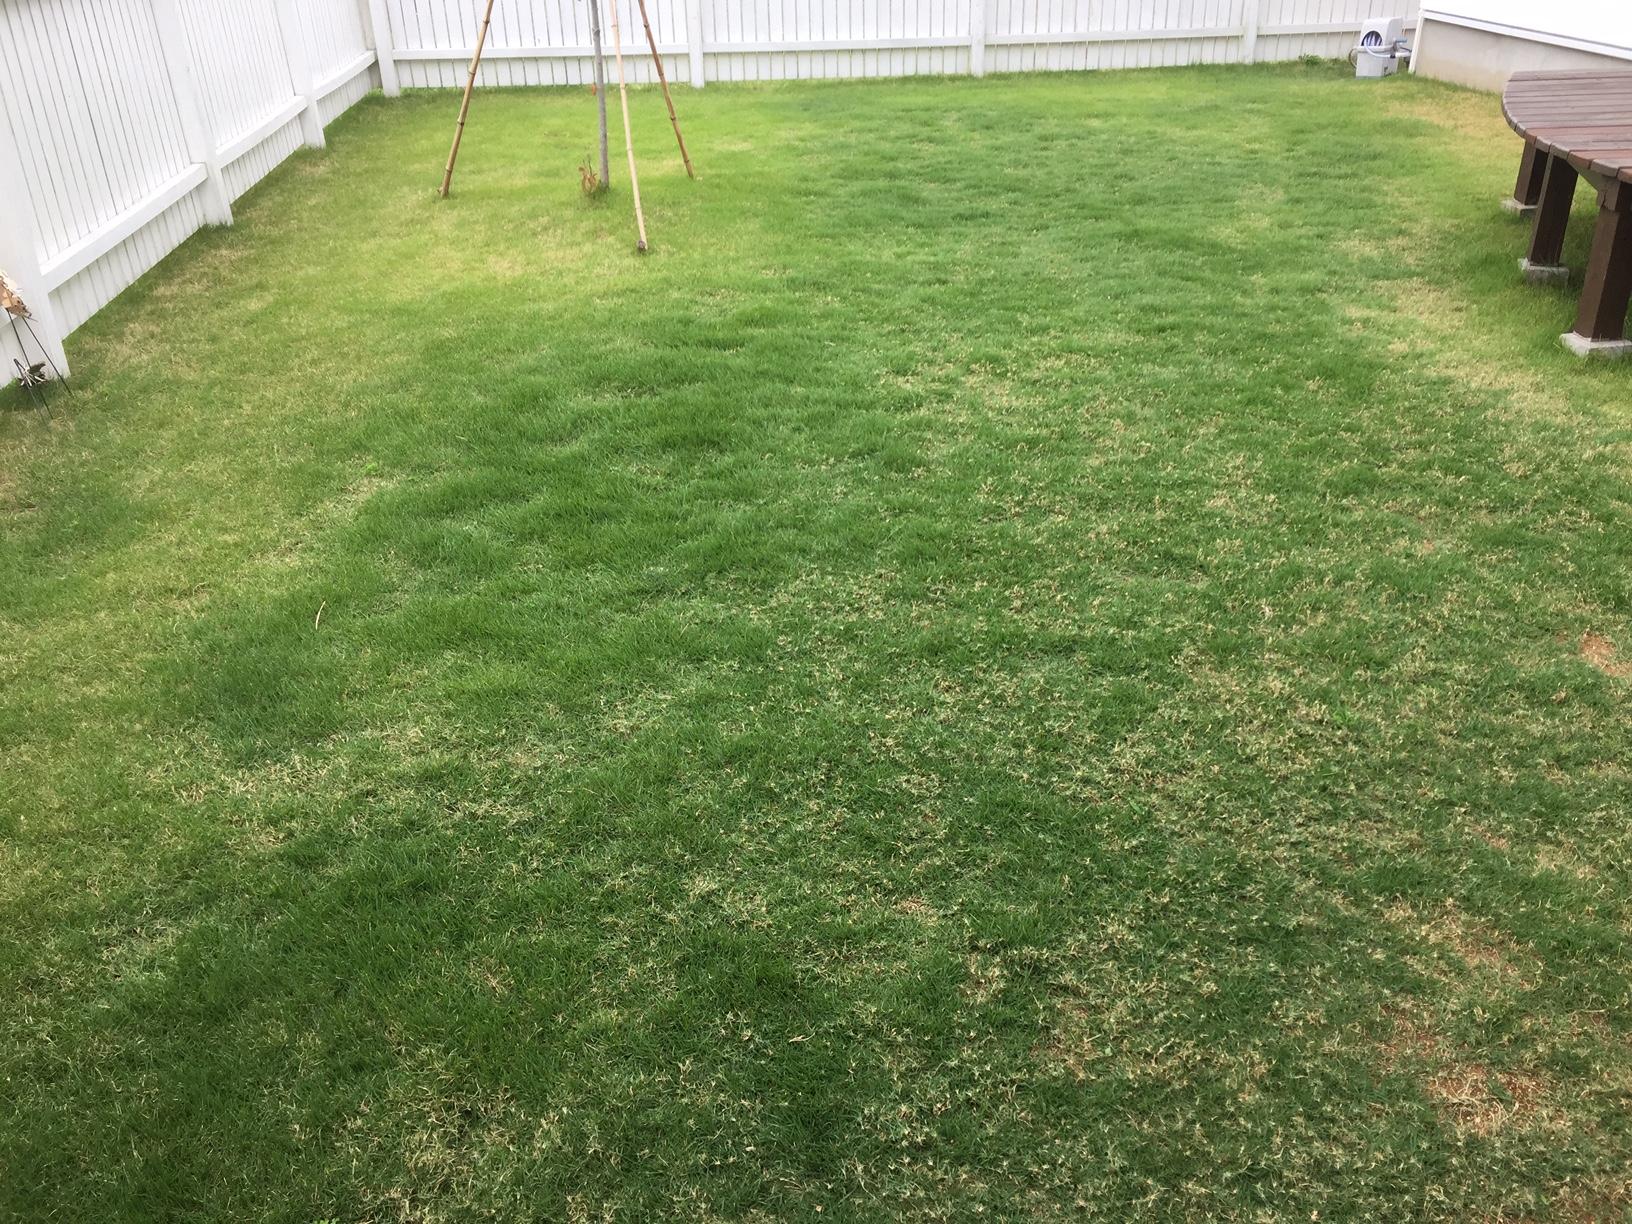 2020.06.06 芝生の状況(芝刈り)